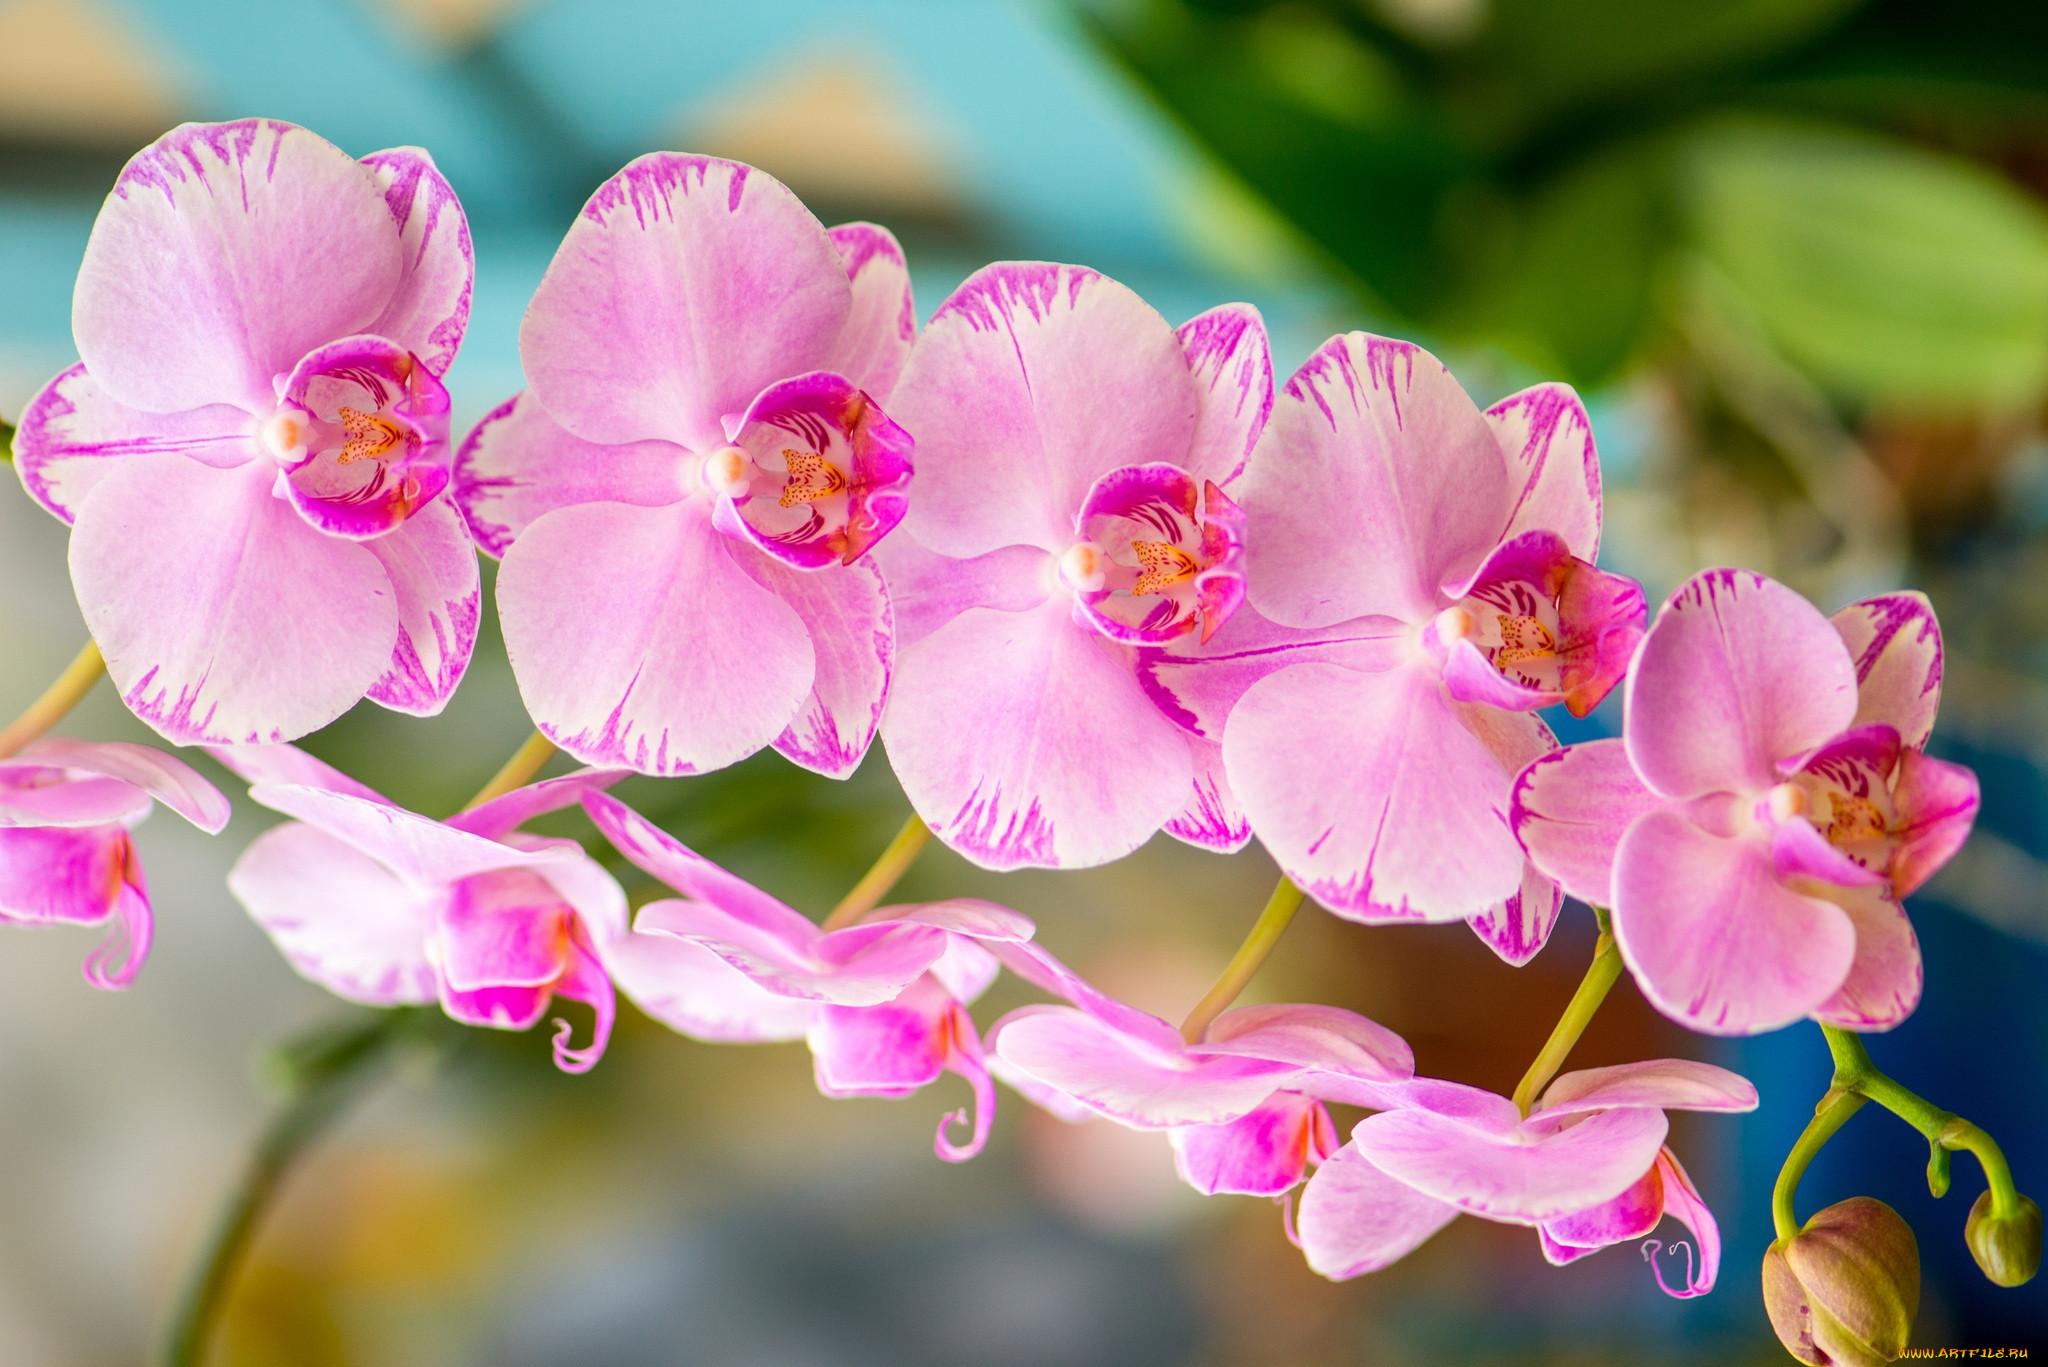 картинки орхидеи с большим разрешением символы имеют